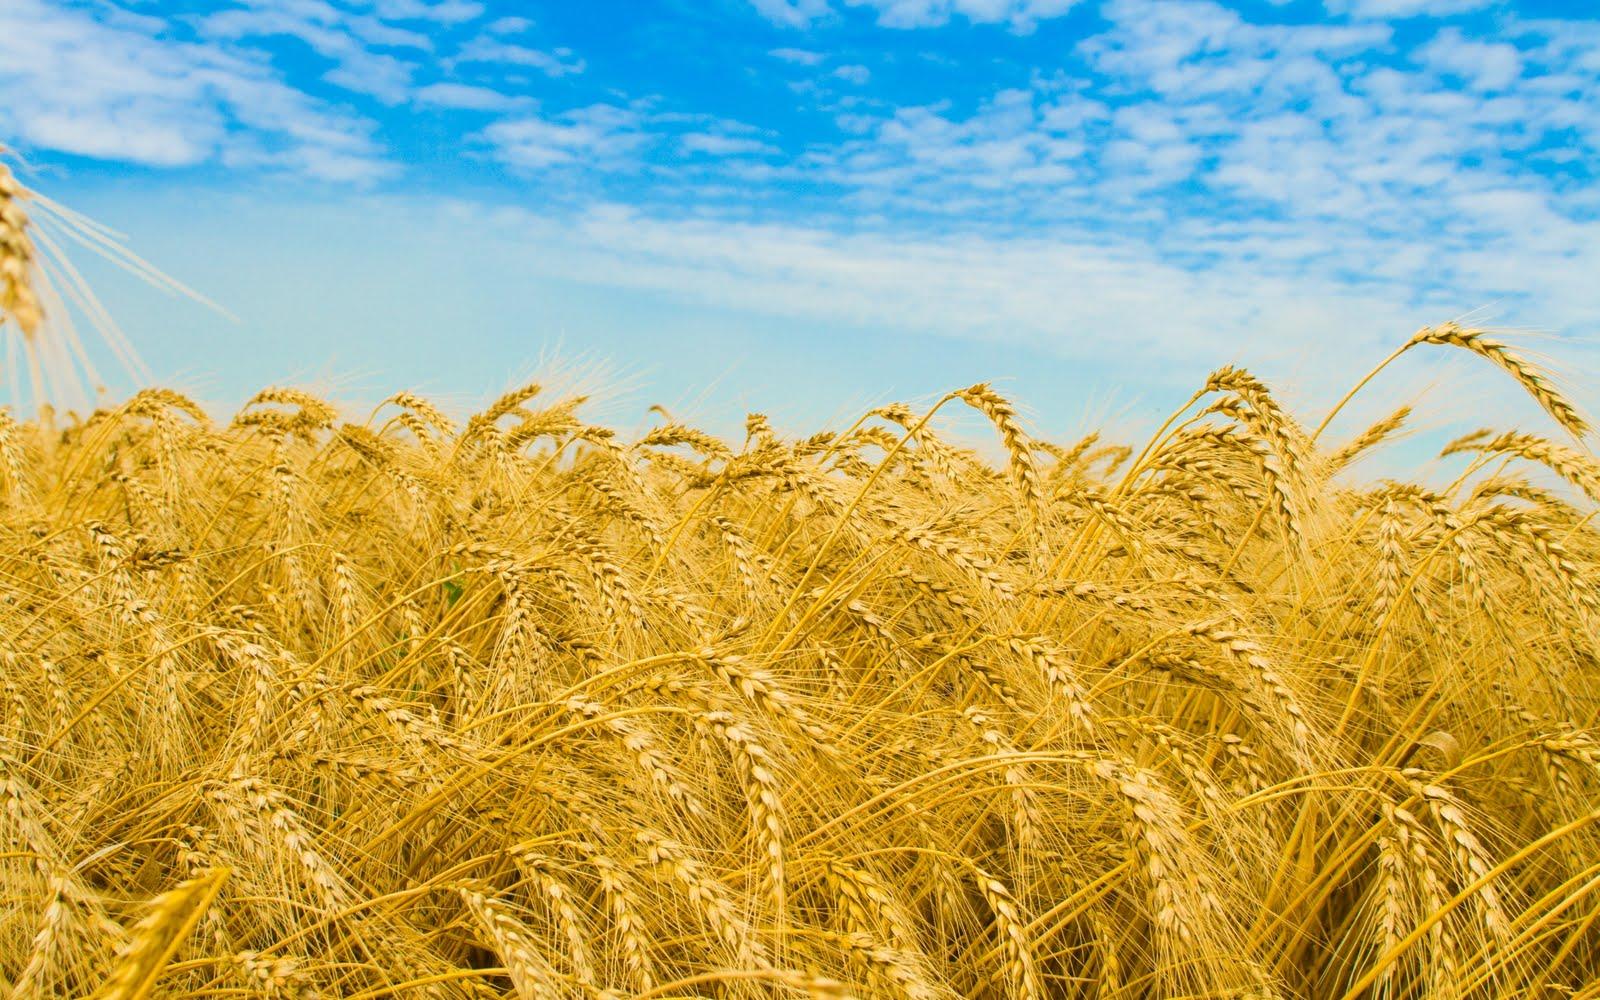 лето, поле пшеницы, скачать фото, обои для рабочего стола, пшеница колосья